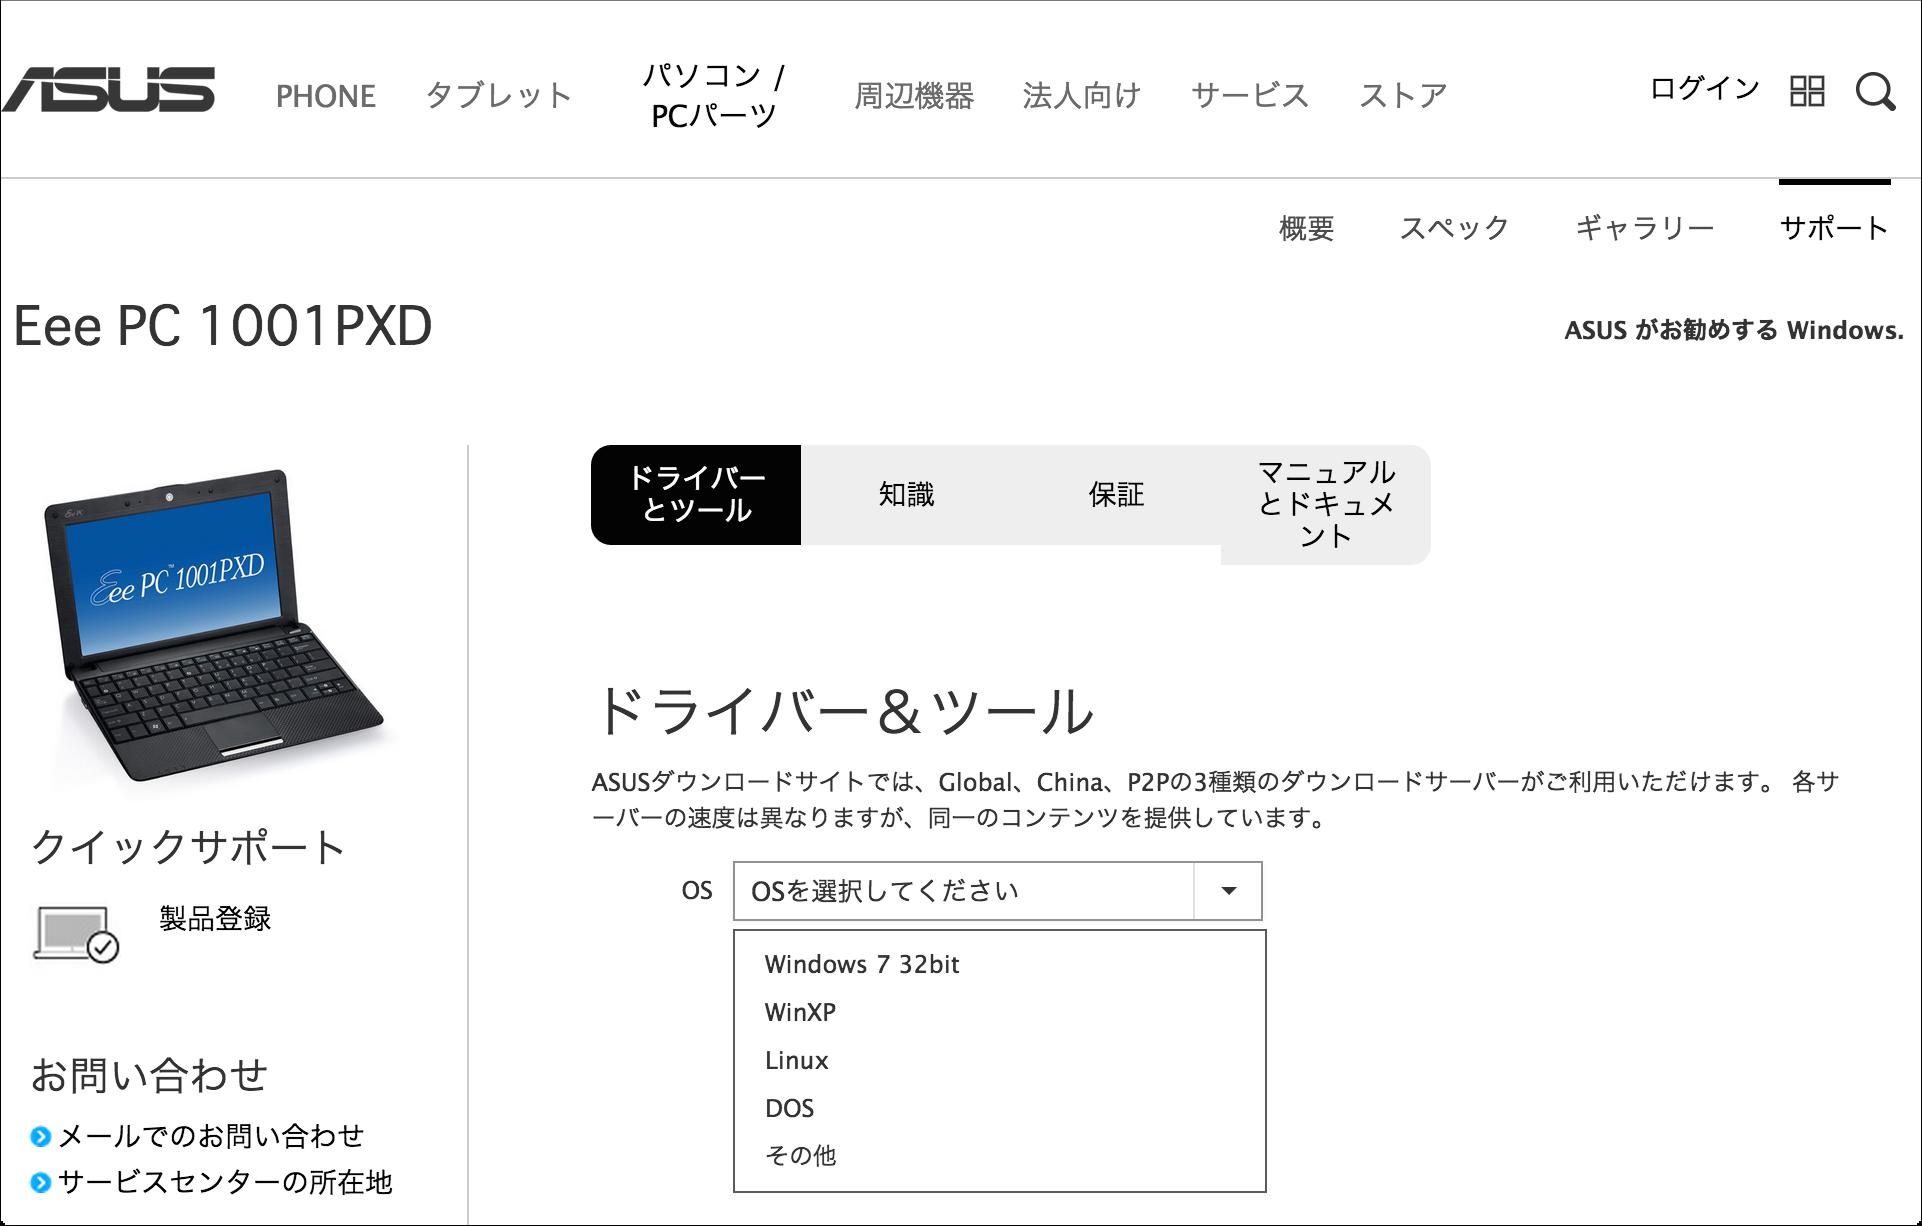 eeepx_1001_pxd_jp